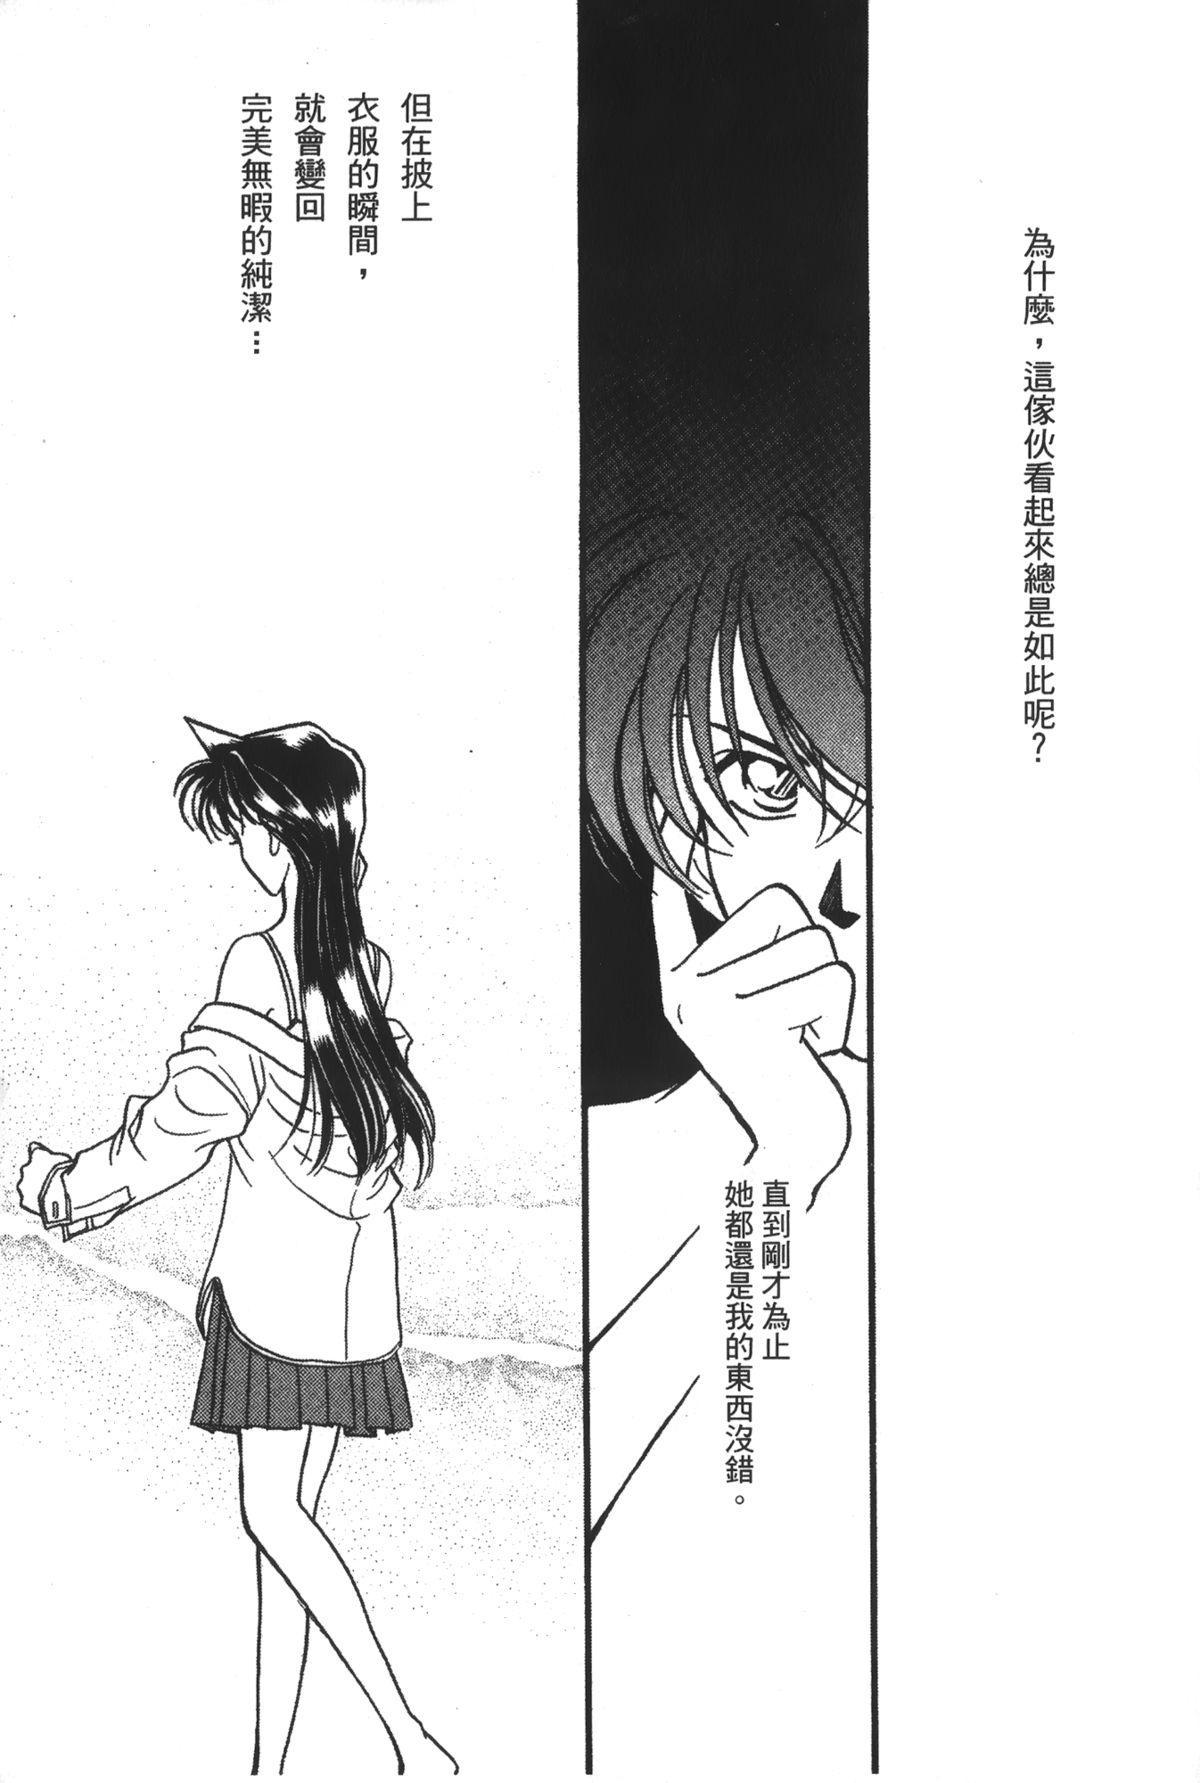 Detective Assistant Vol. 14 43